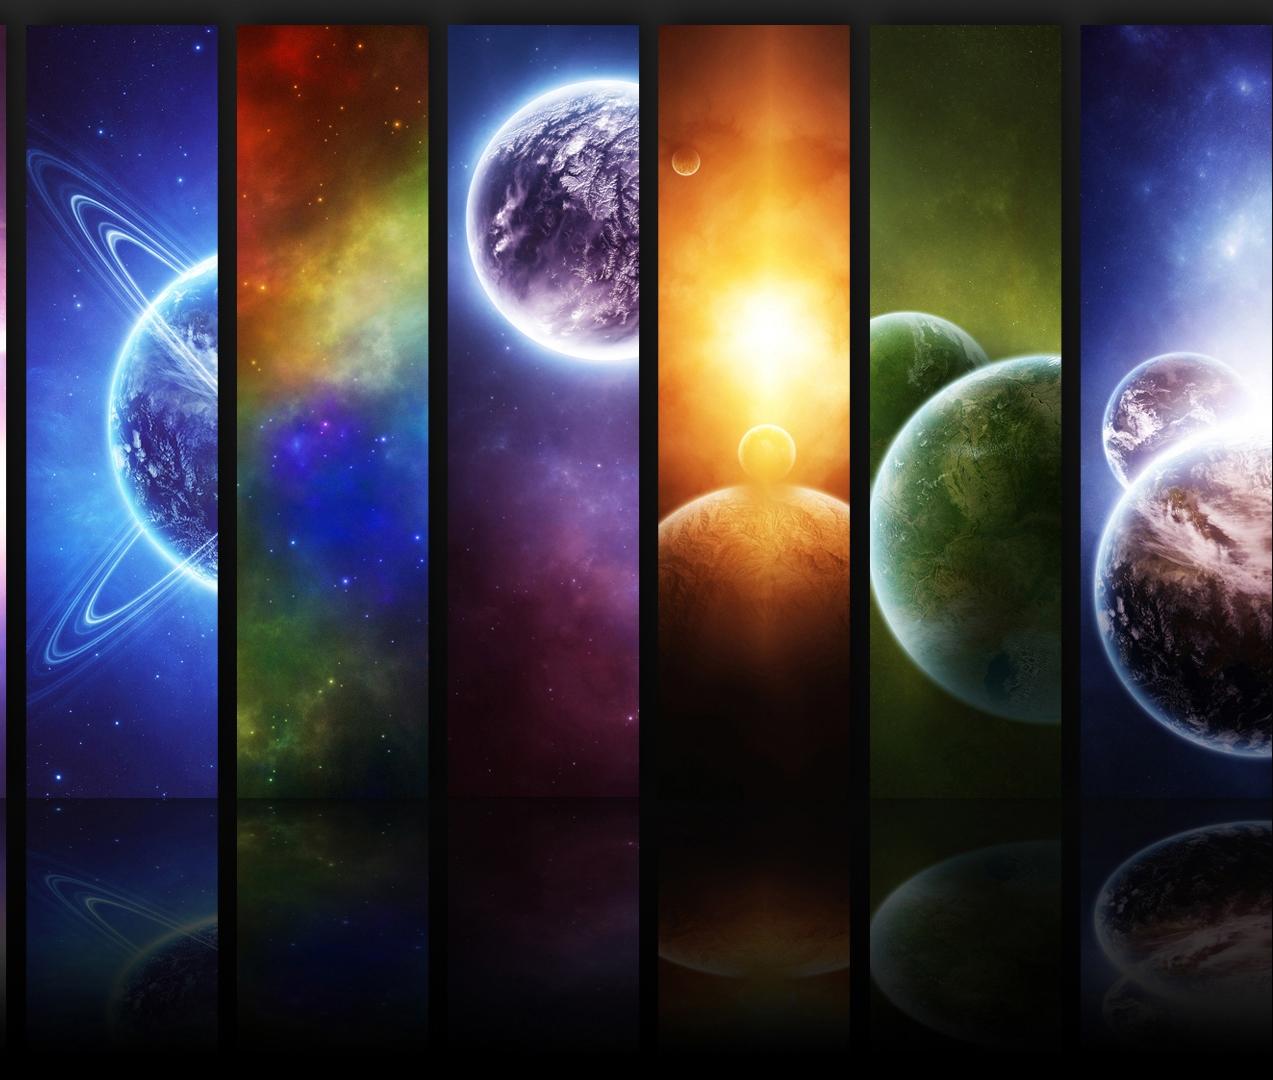 Inmensidad Y Belleza: Astronomía Y Cualidad Humana Profunda